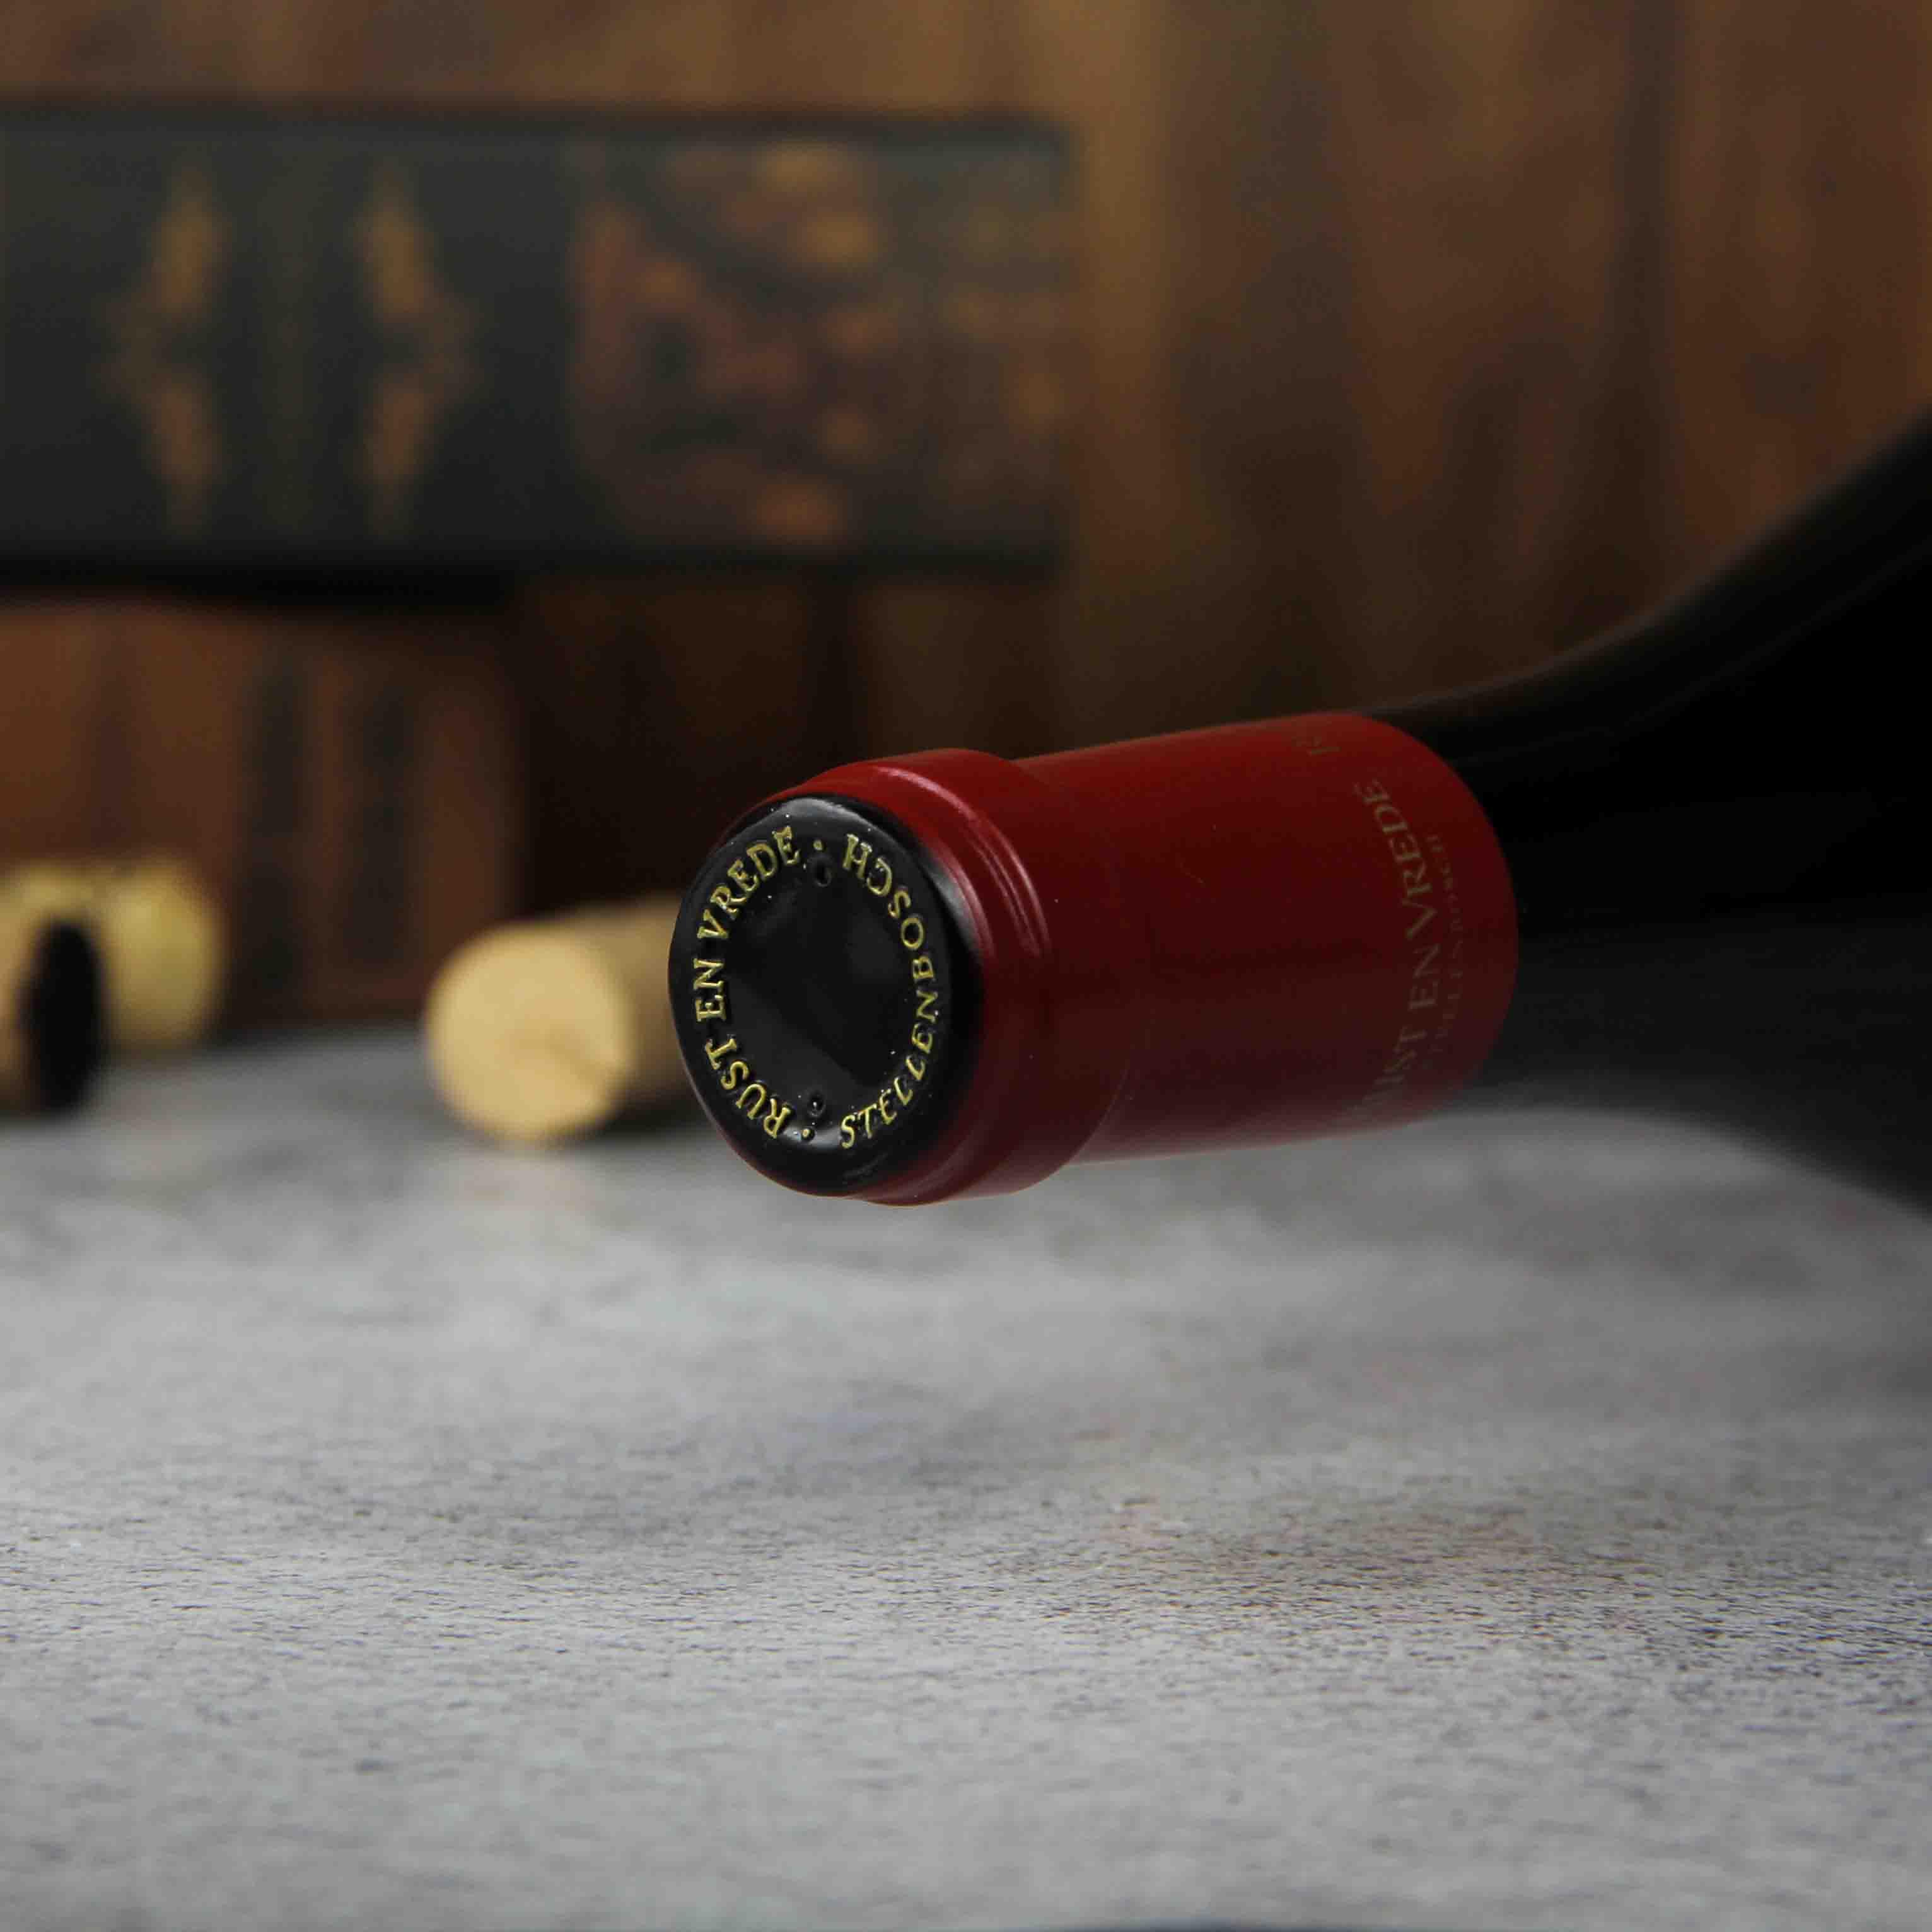 南非斯泰伦博斯福瑞德酒庄葡园西拉子红葡萄酒红酒